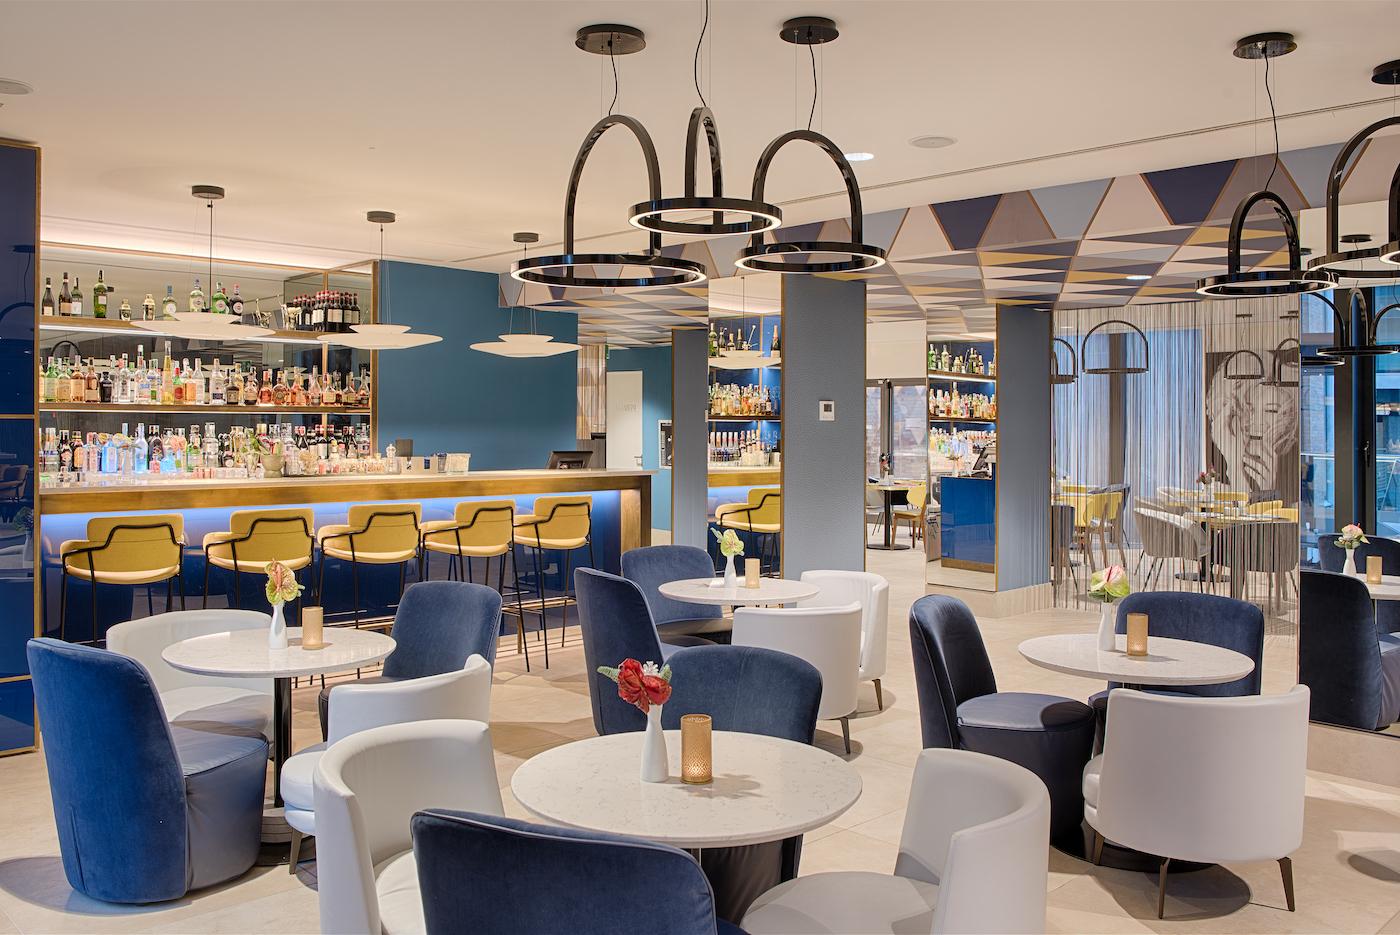 Il ristorante e cocktail bar 8millimetri Cicchetti & Wine